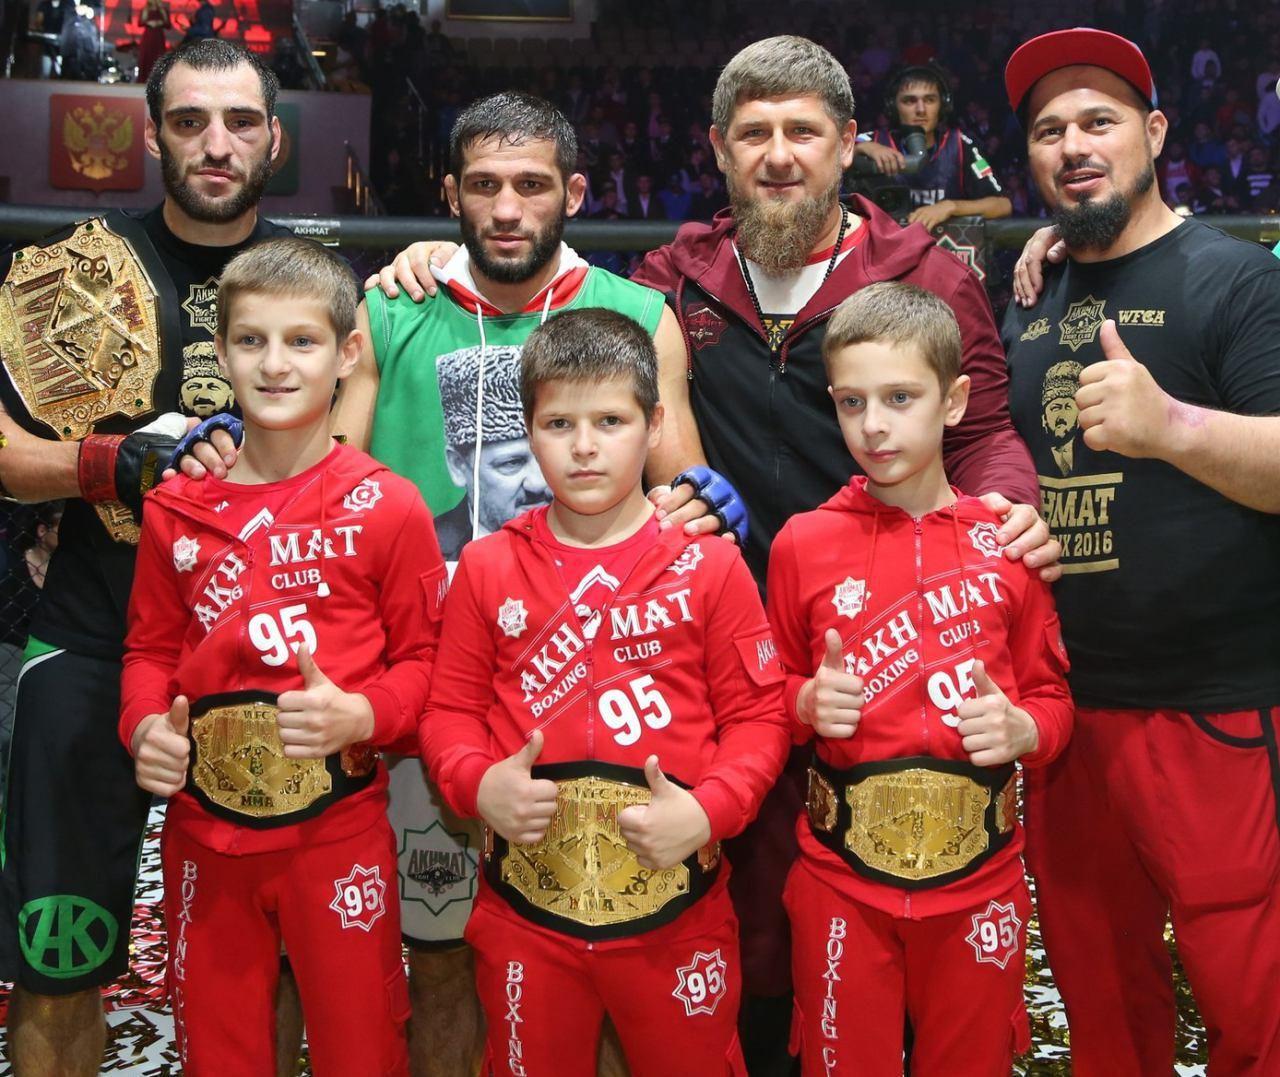 Сыновья Кадырова пригласили вгости 10-летнего кикбоксера изАстаны